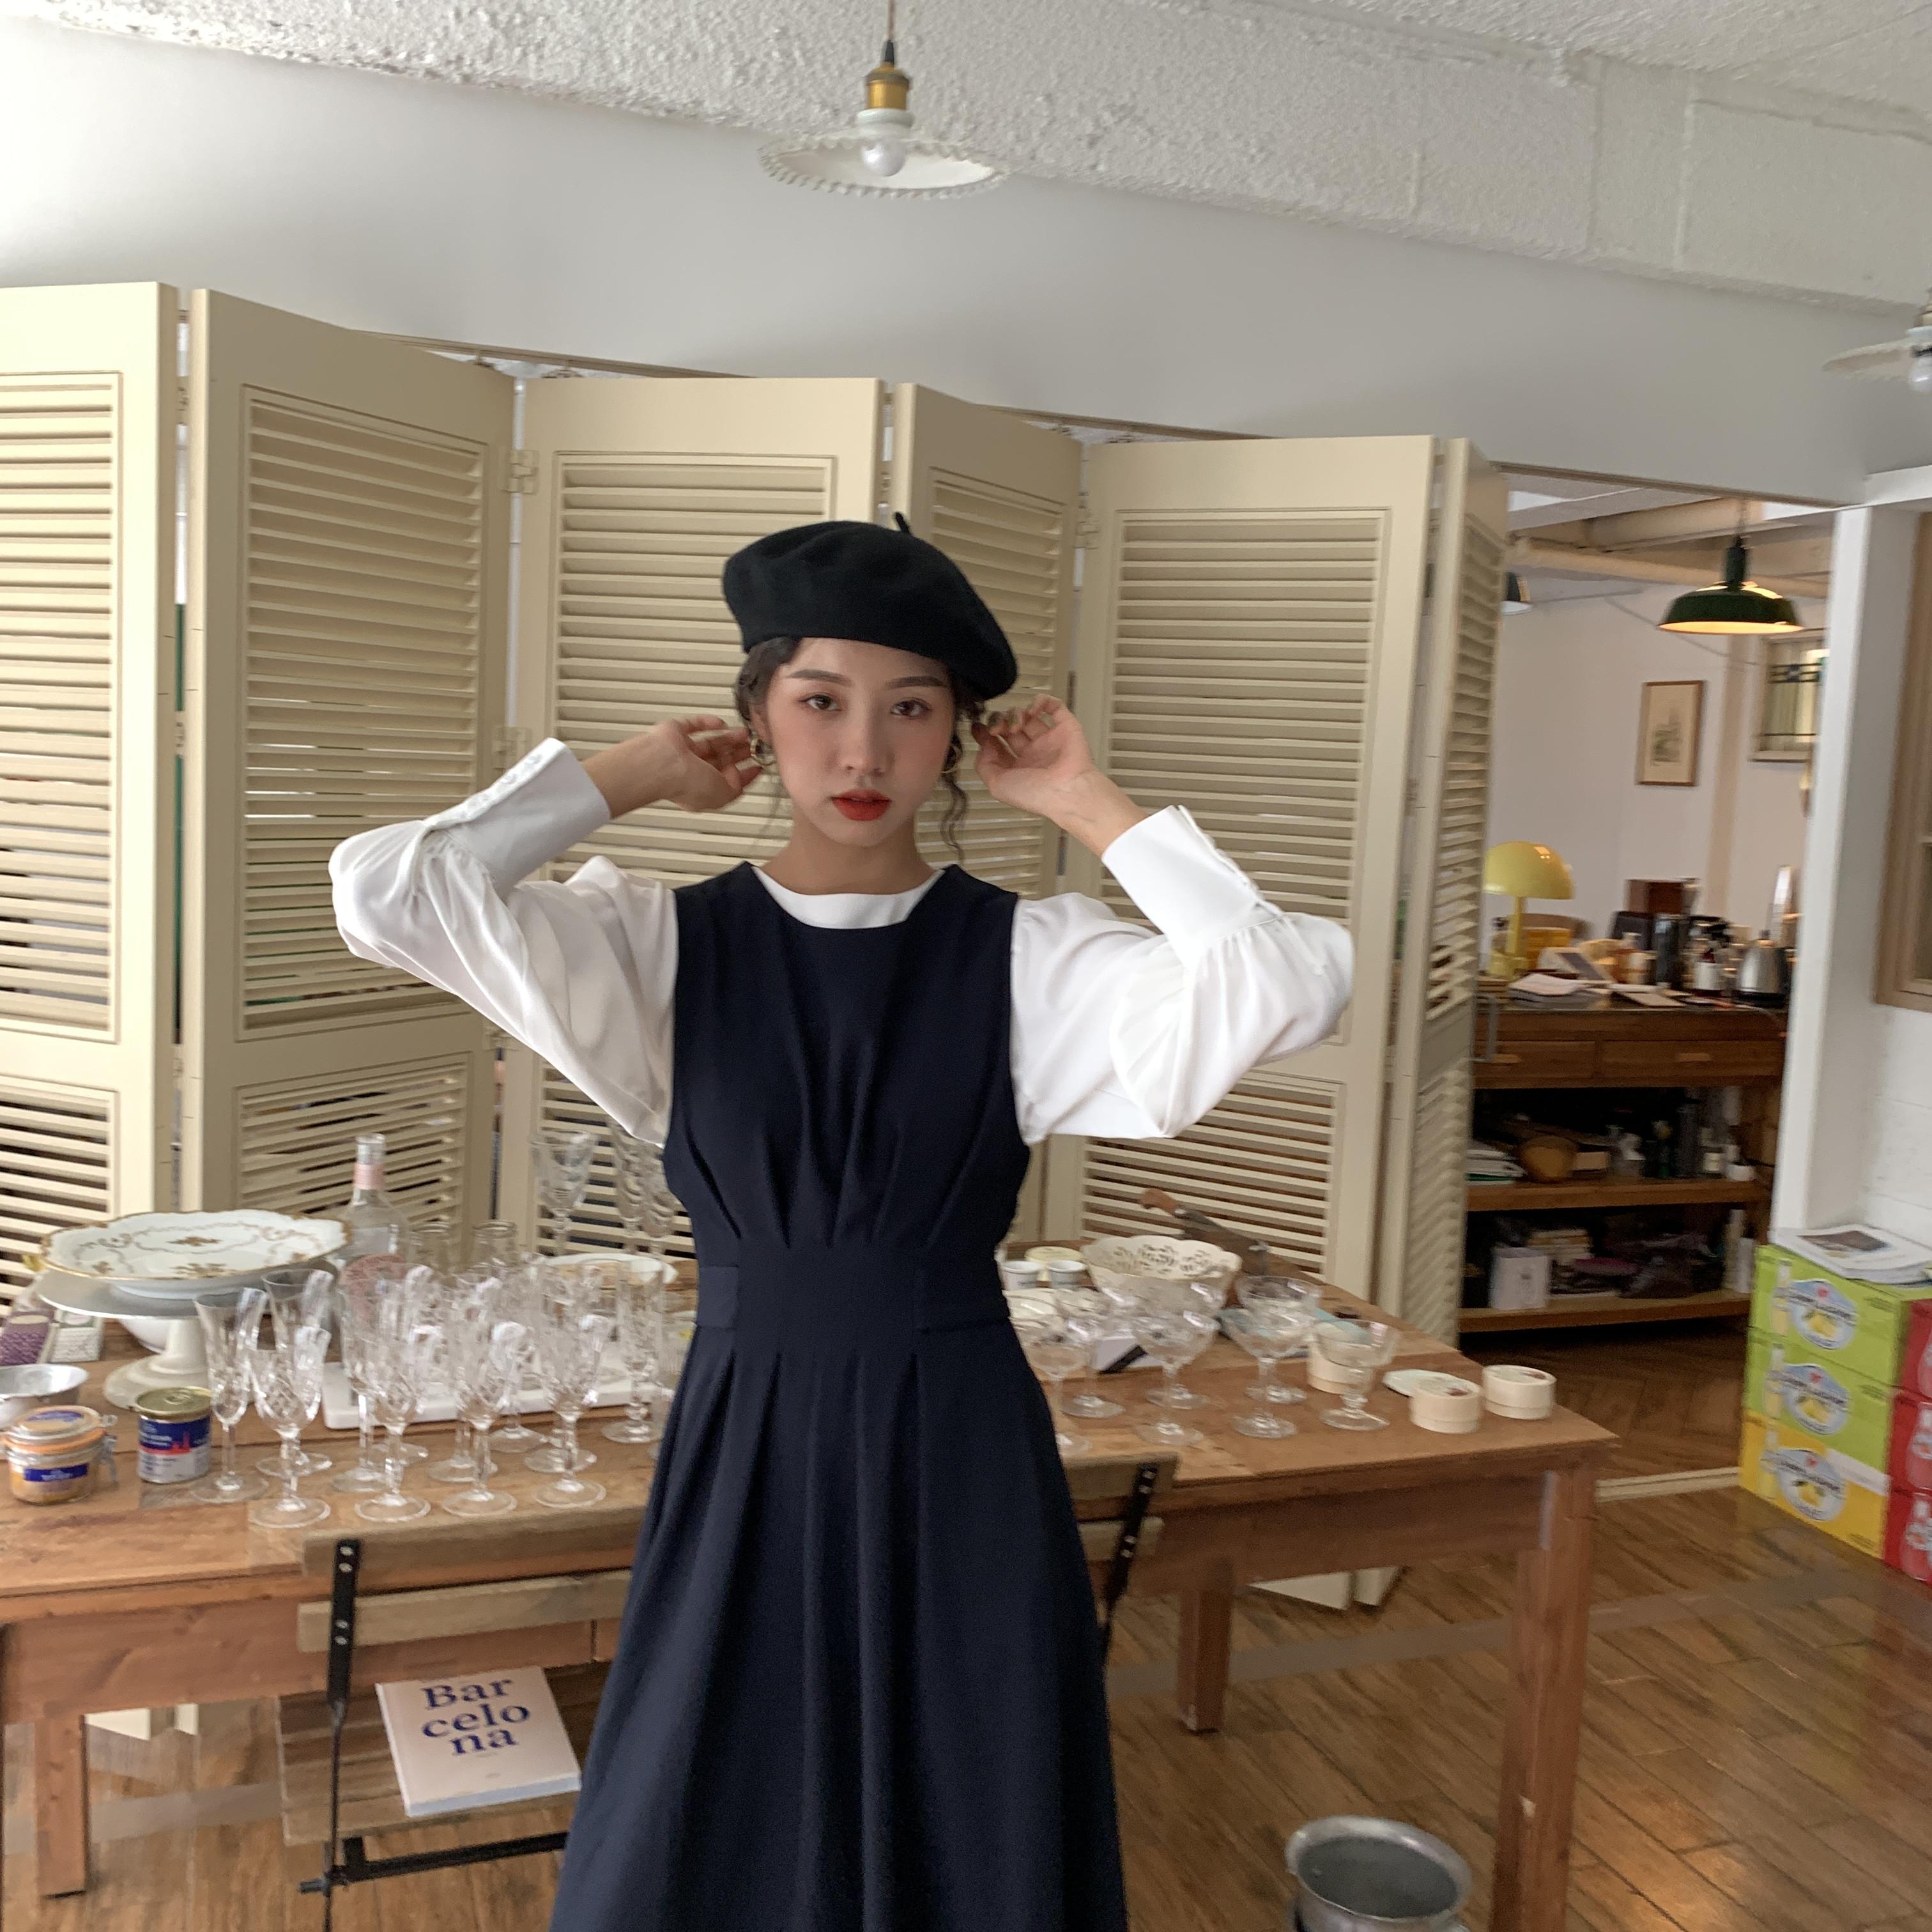 馨帮帮sinbounboun 秋季气质款宽松显瘦无袖圆领背心蓝色连衣裙女